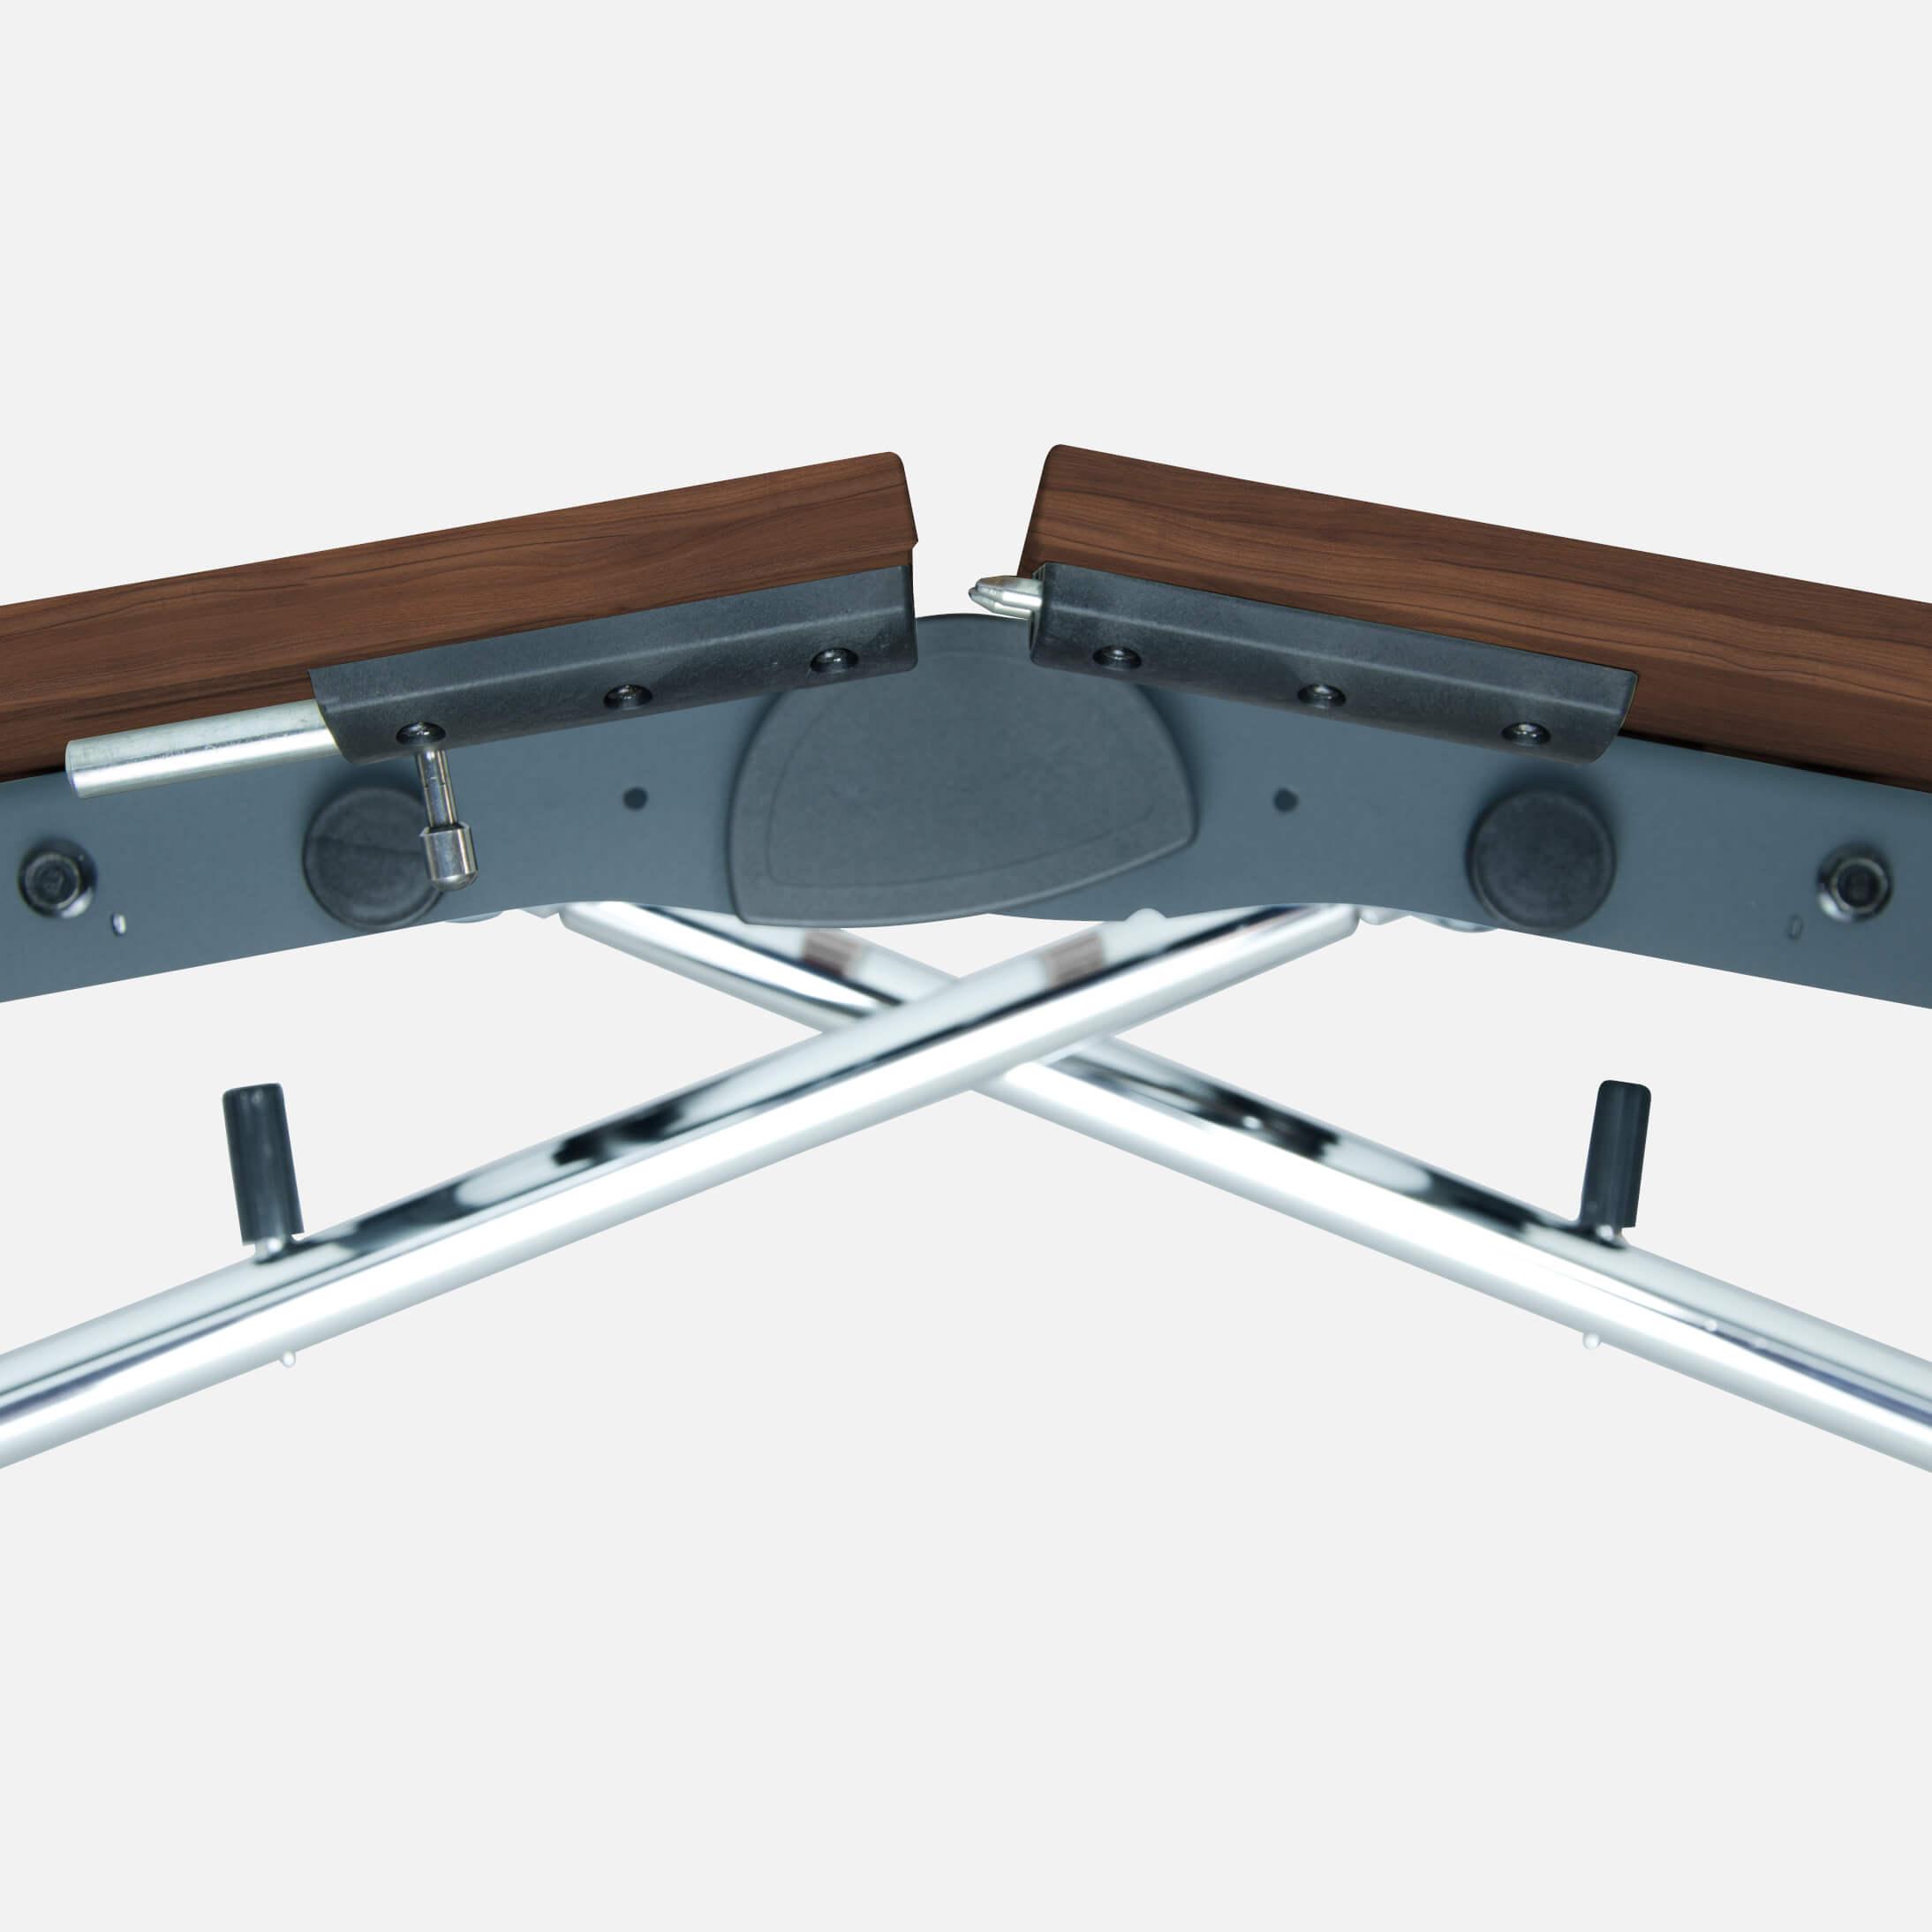 Falttisch Klapptisch 2.800 x 1.000 mm LIBRO Nussbaum Konferenztisch klappbar rollbar auf Rollen mobil